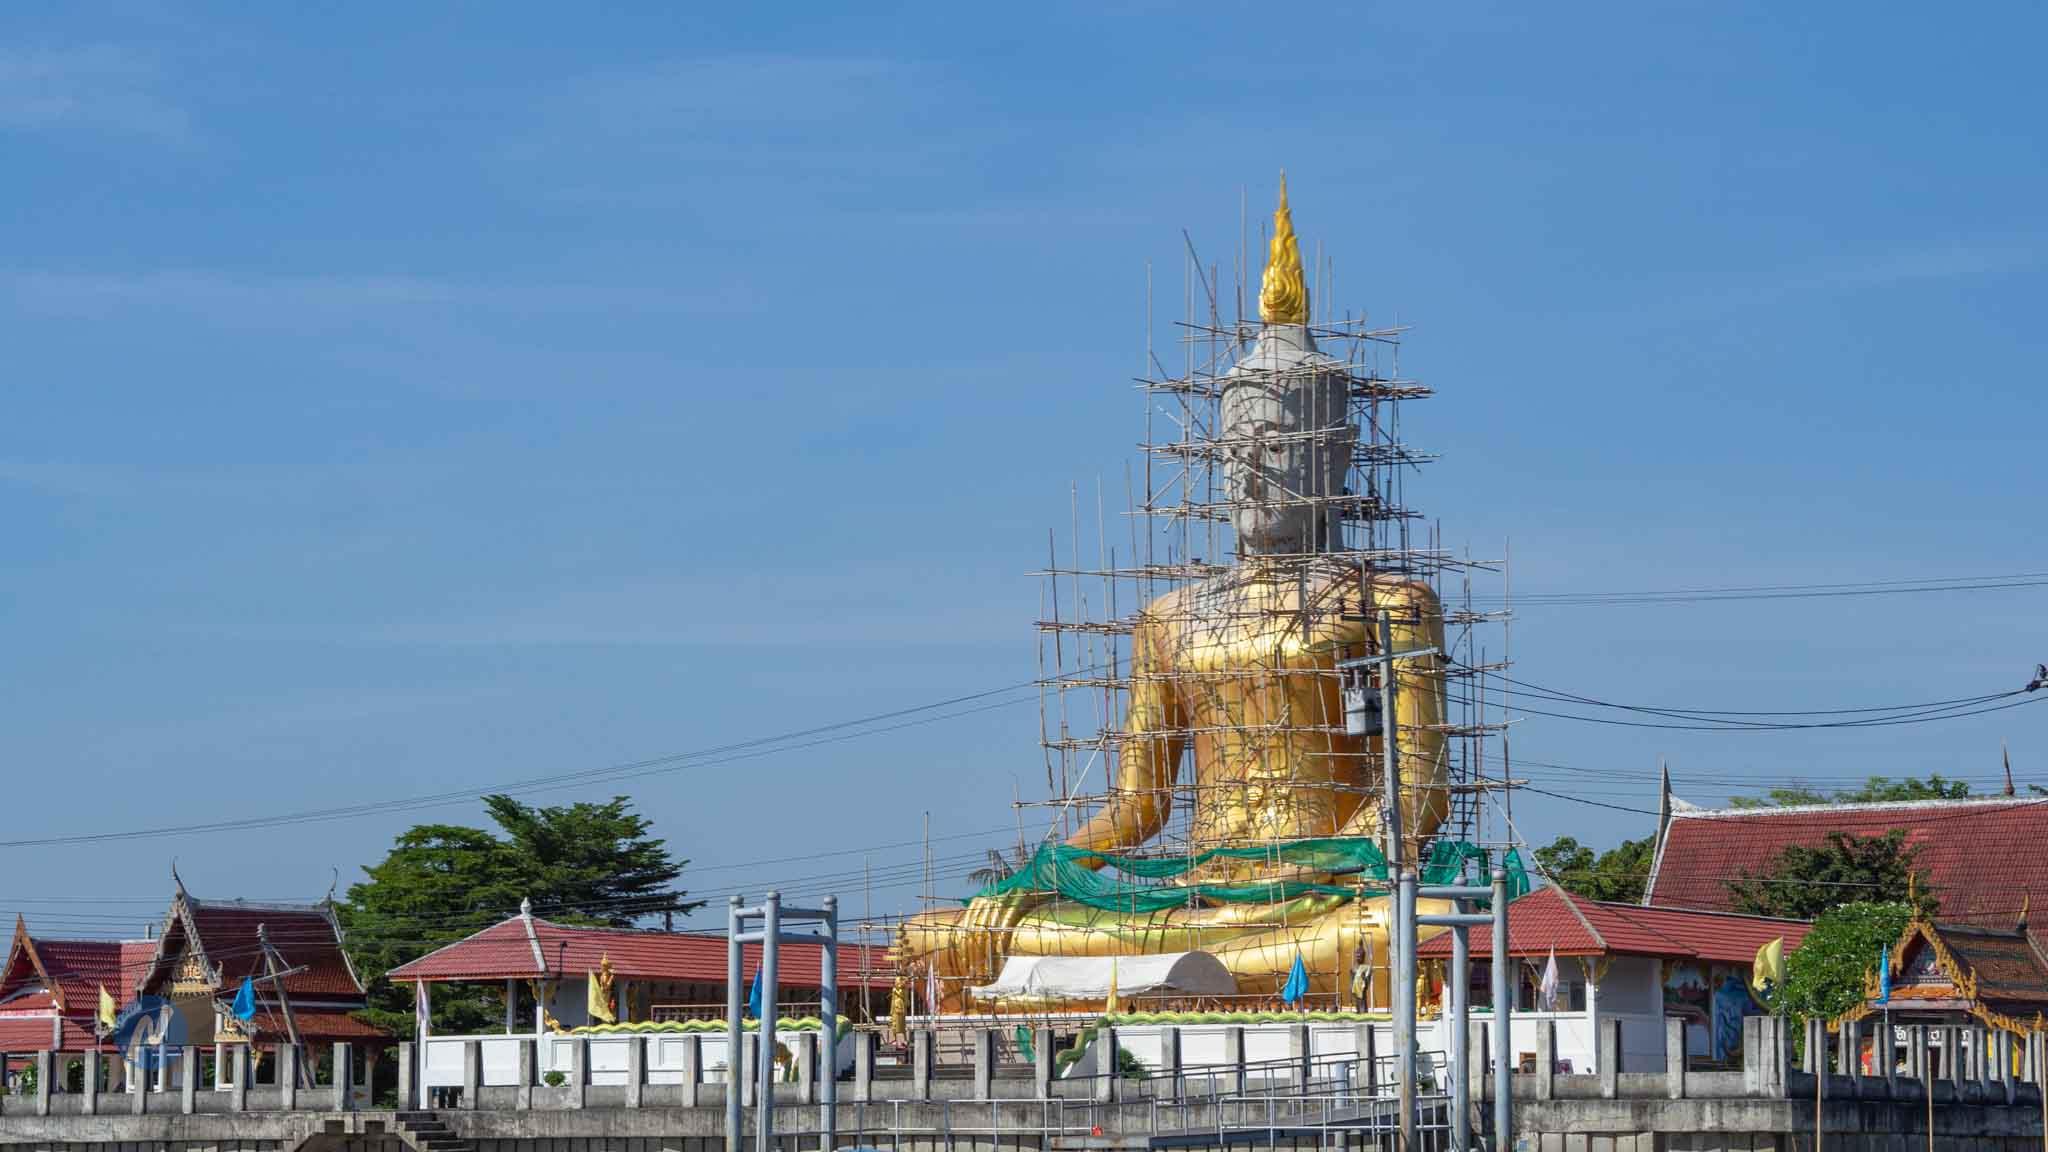 เที่ยวเกาะเกร็ด นนทบุรี